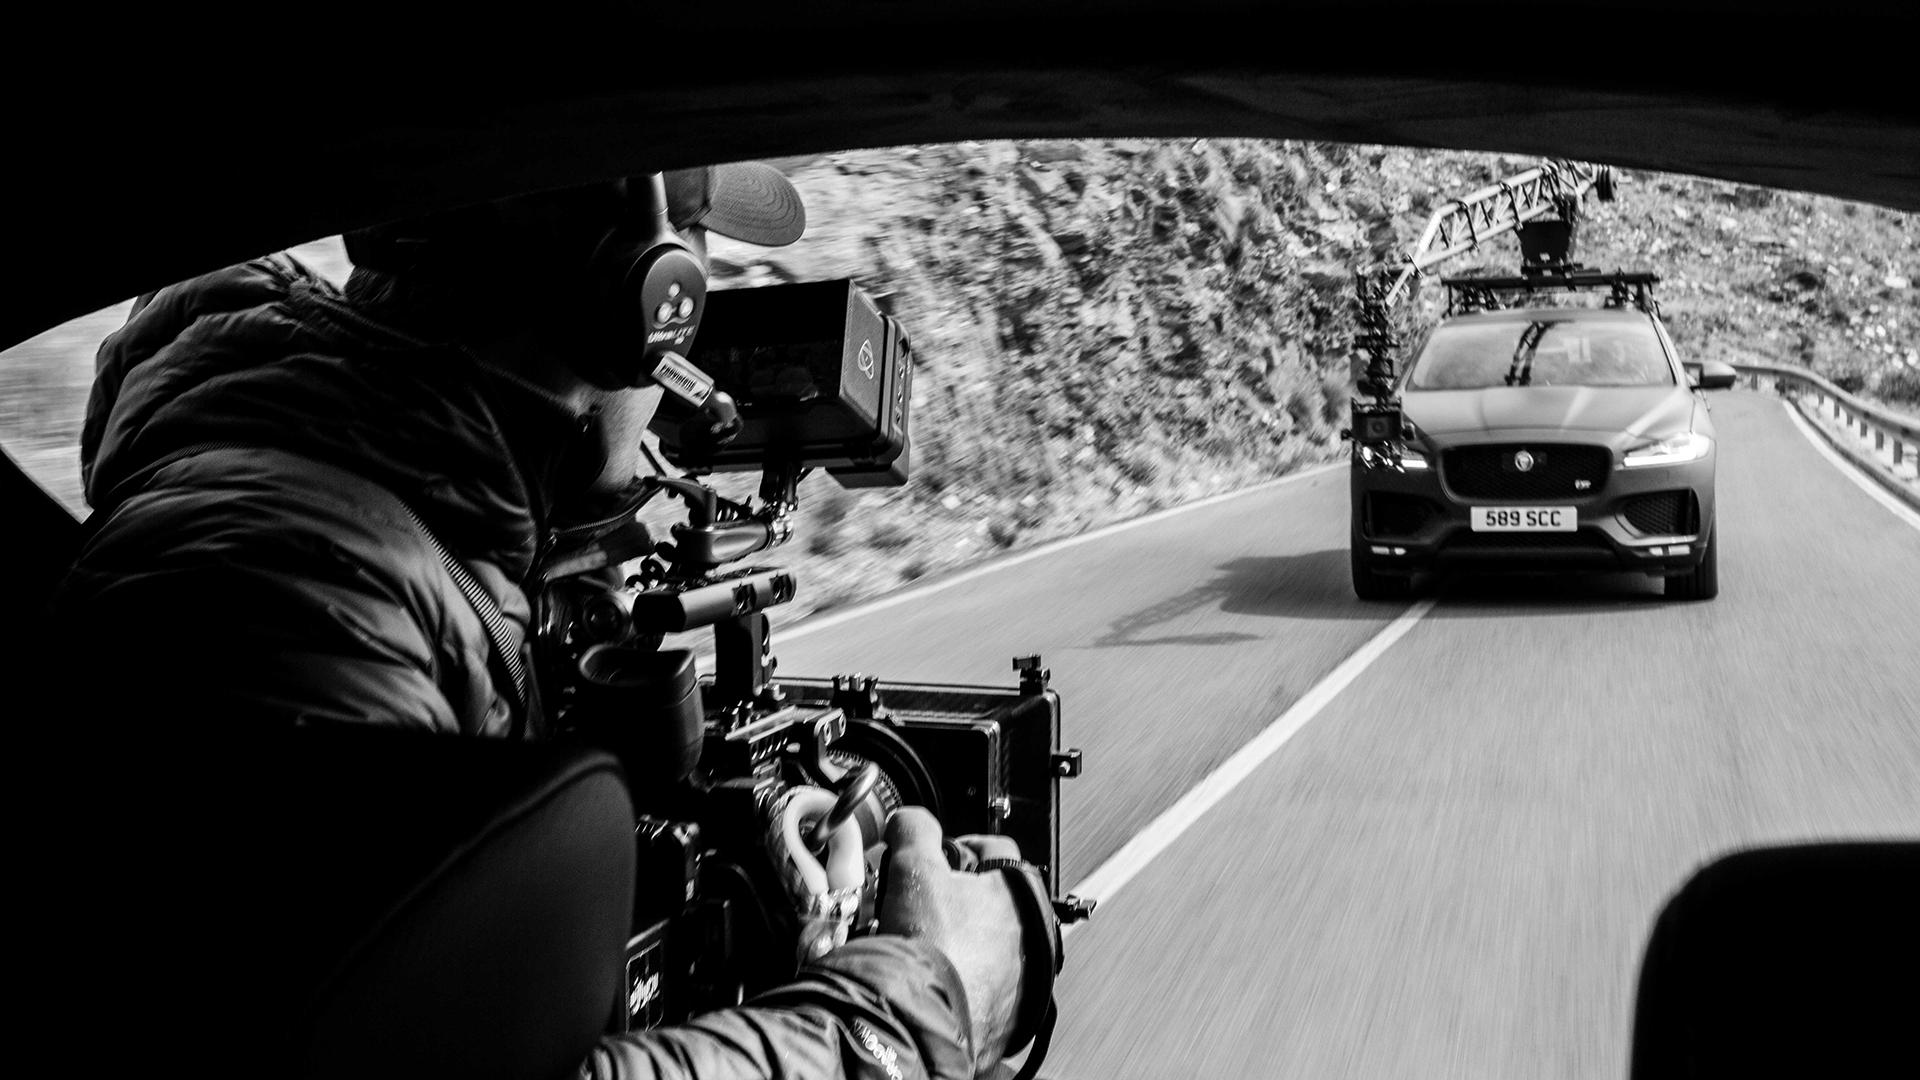 Chiêm ngưỡng Jaguar F-PACE qua góc máy của Canon EOS C500 Mark II mới